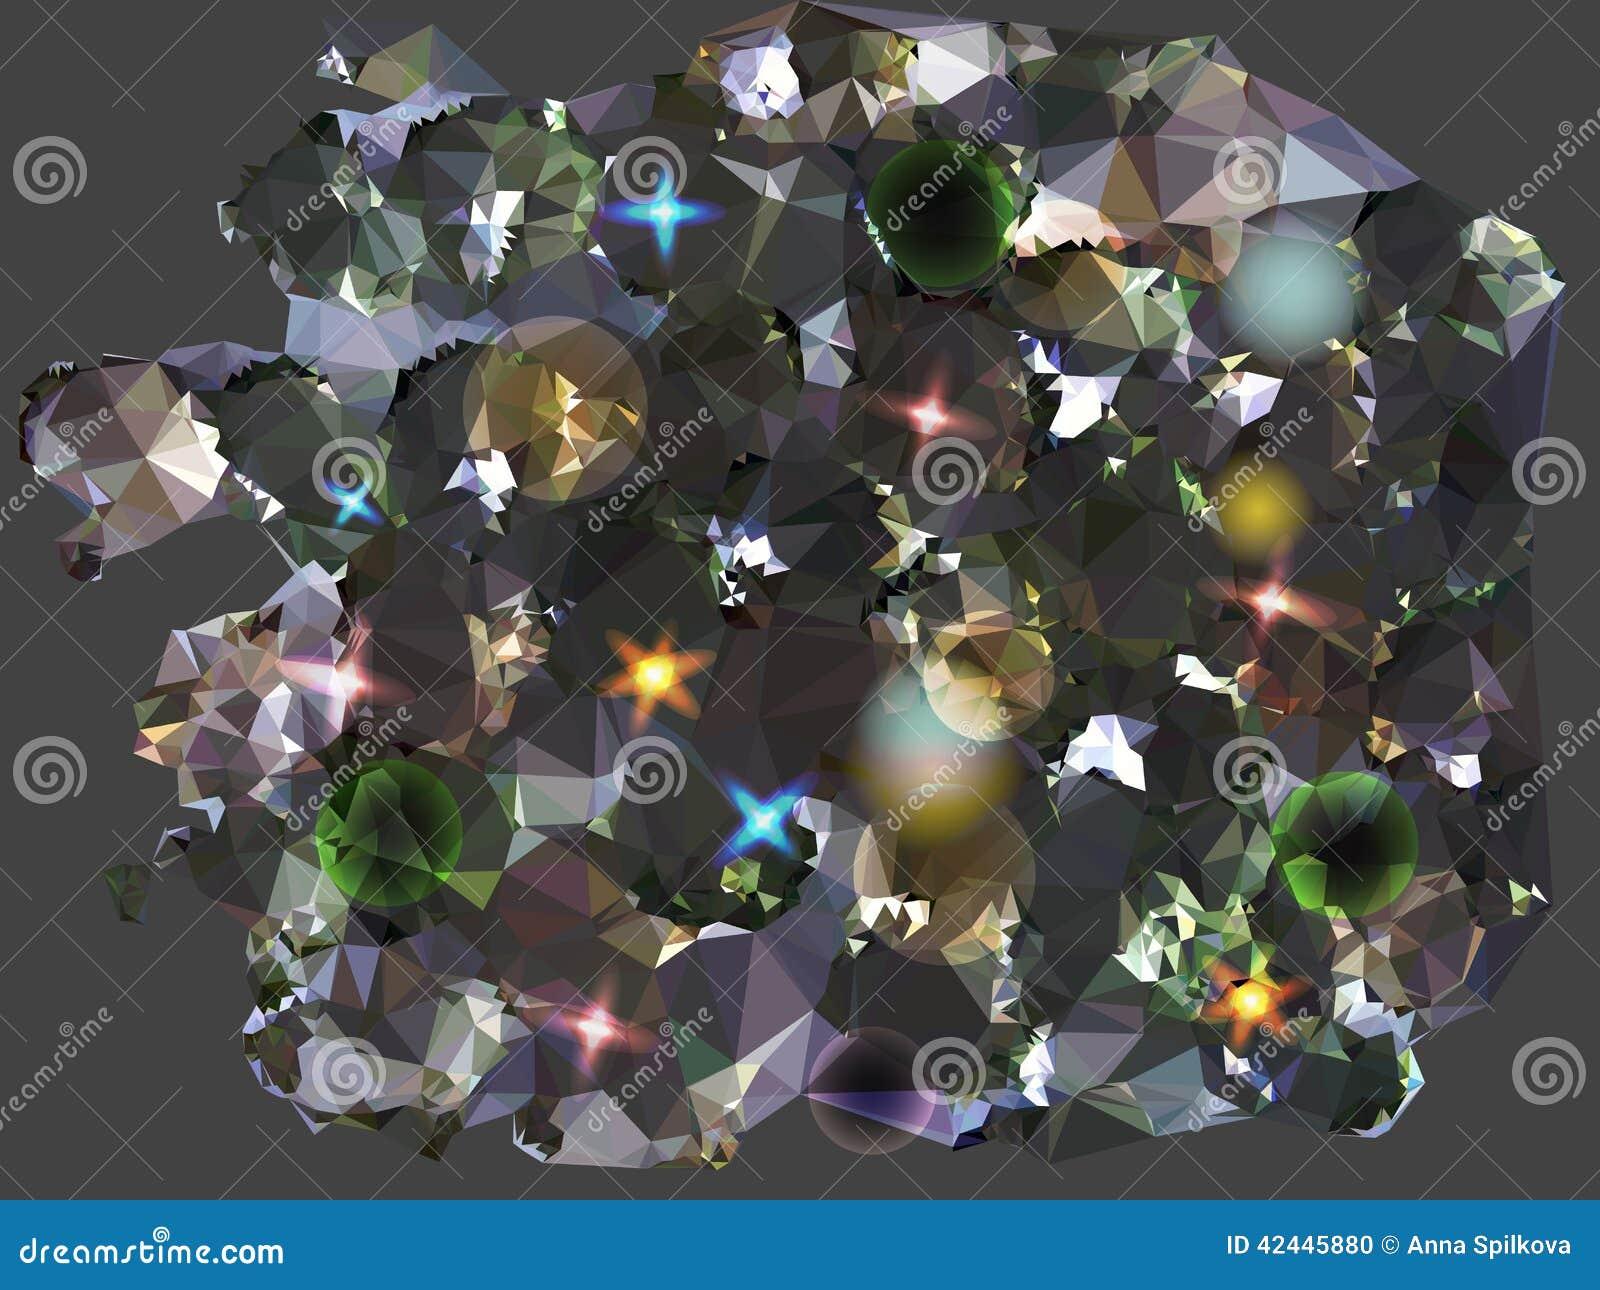 Fondo negro y gris abstracto evocador de diamantes